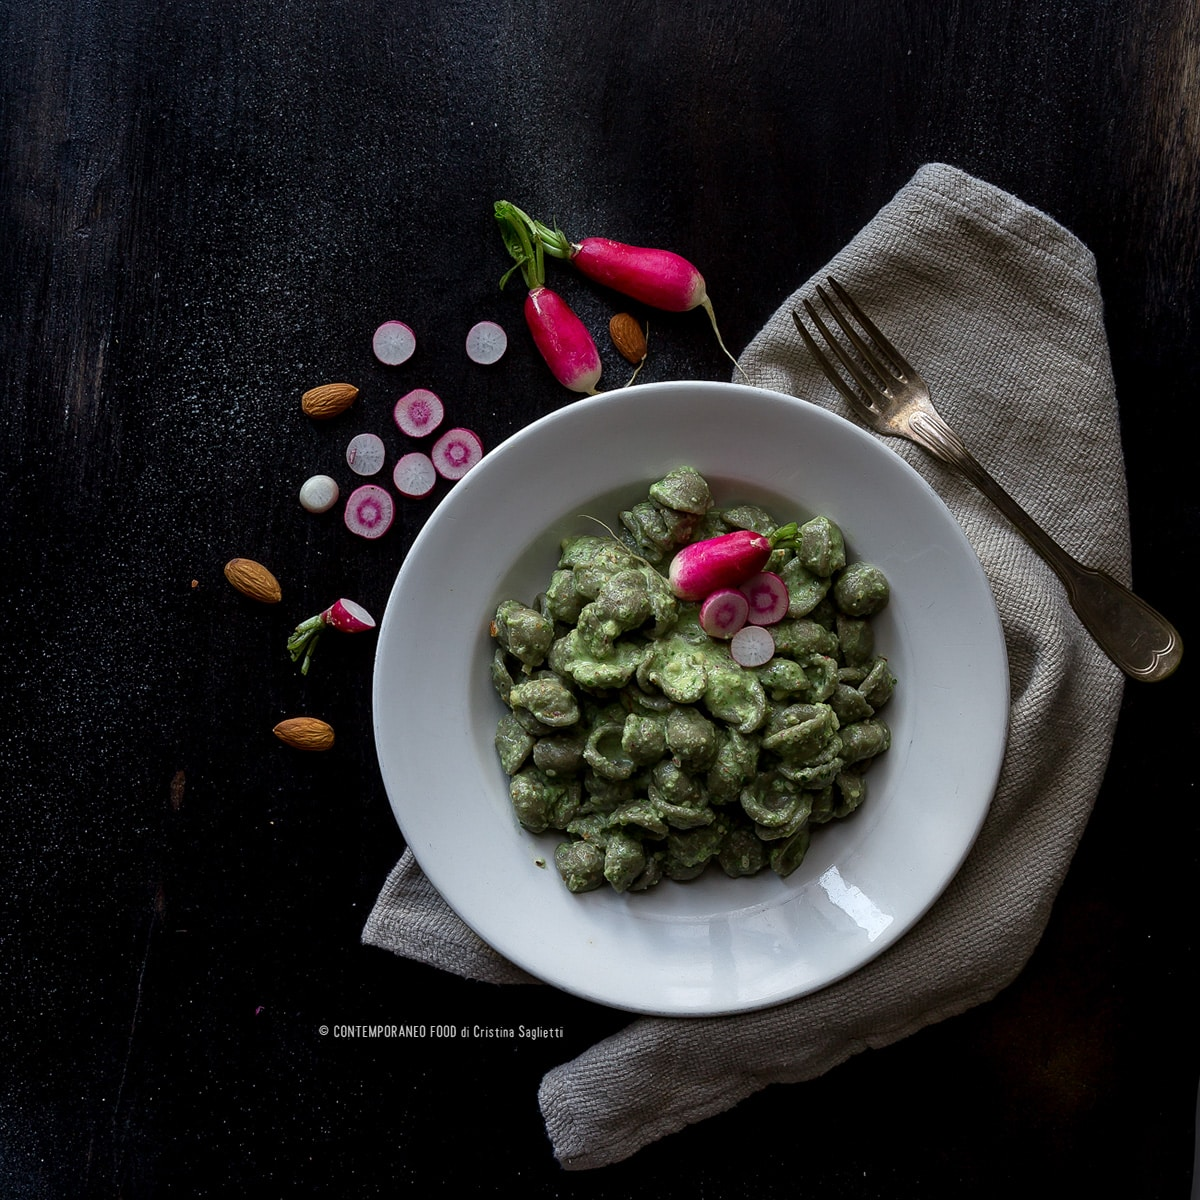 orecchiette-di-grano-arso-con-crema-di-foglie-di-rapanelli-ricetta-primi-last-minute-facile-contemporaneo-food